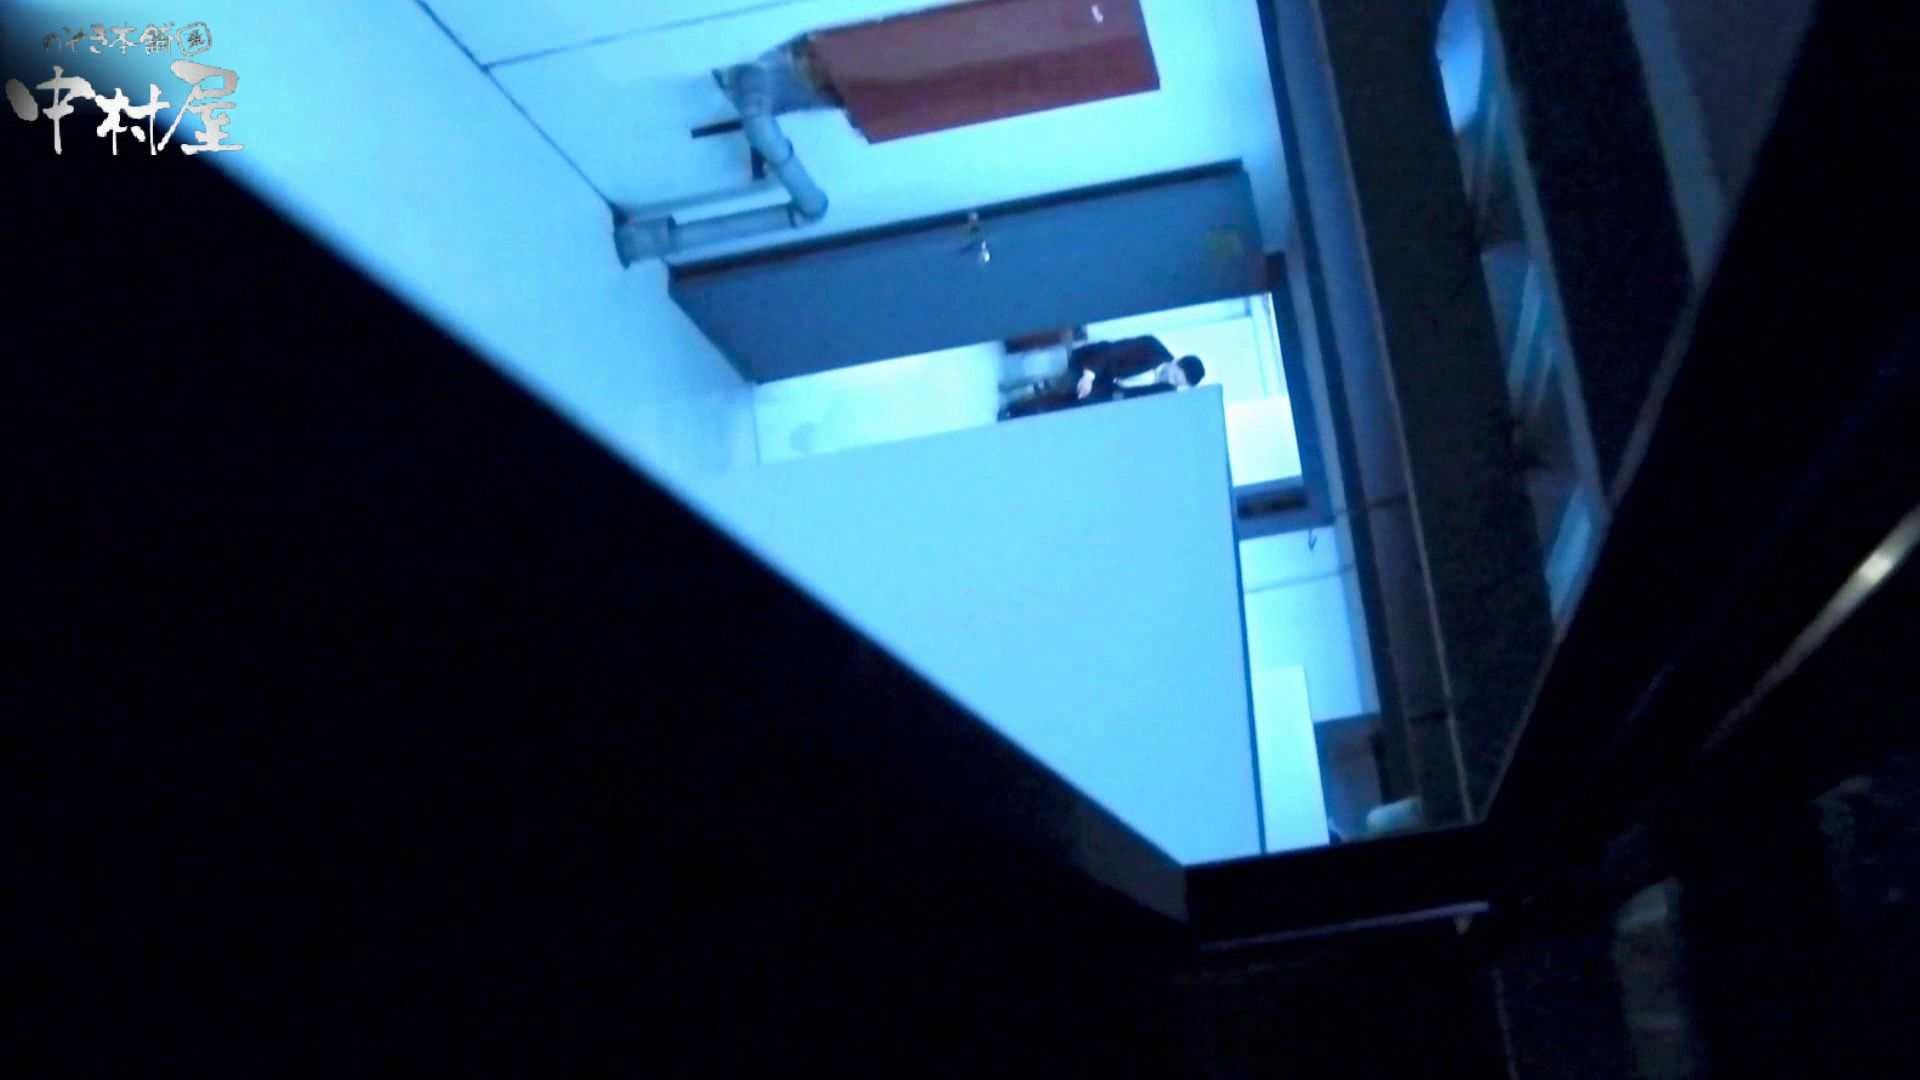 新世界の射窓 No70 世界の窓70 八頭身美女のエロい中腰 洗面所   0  52連発 13